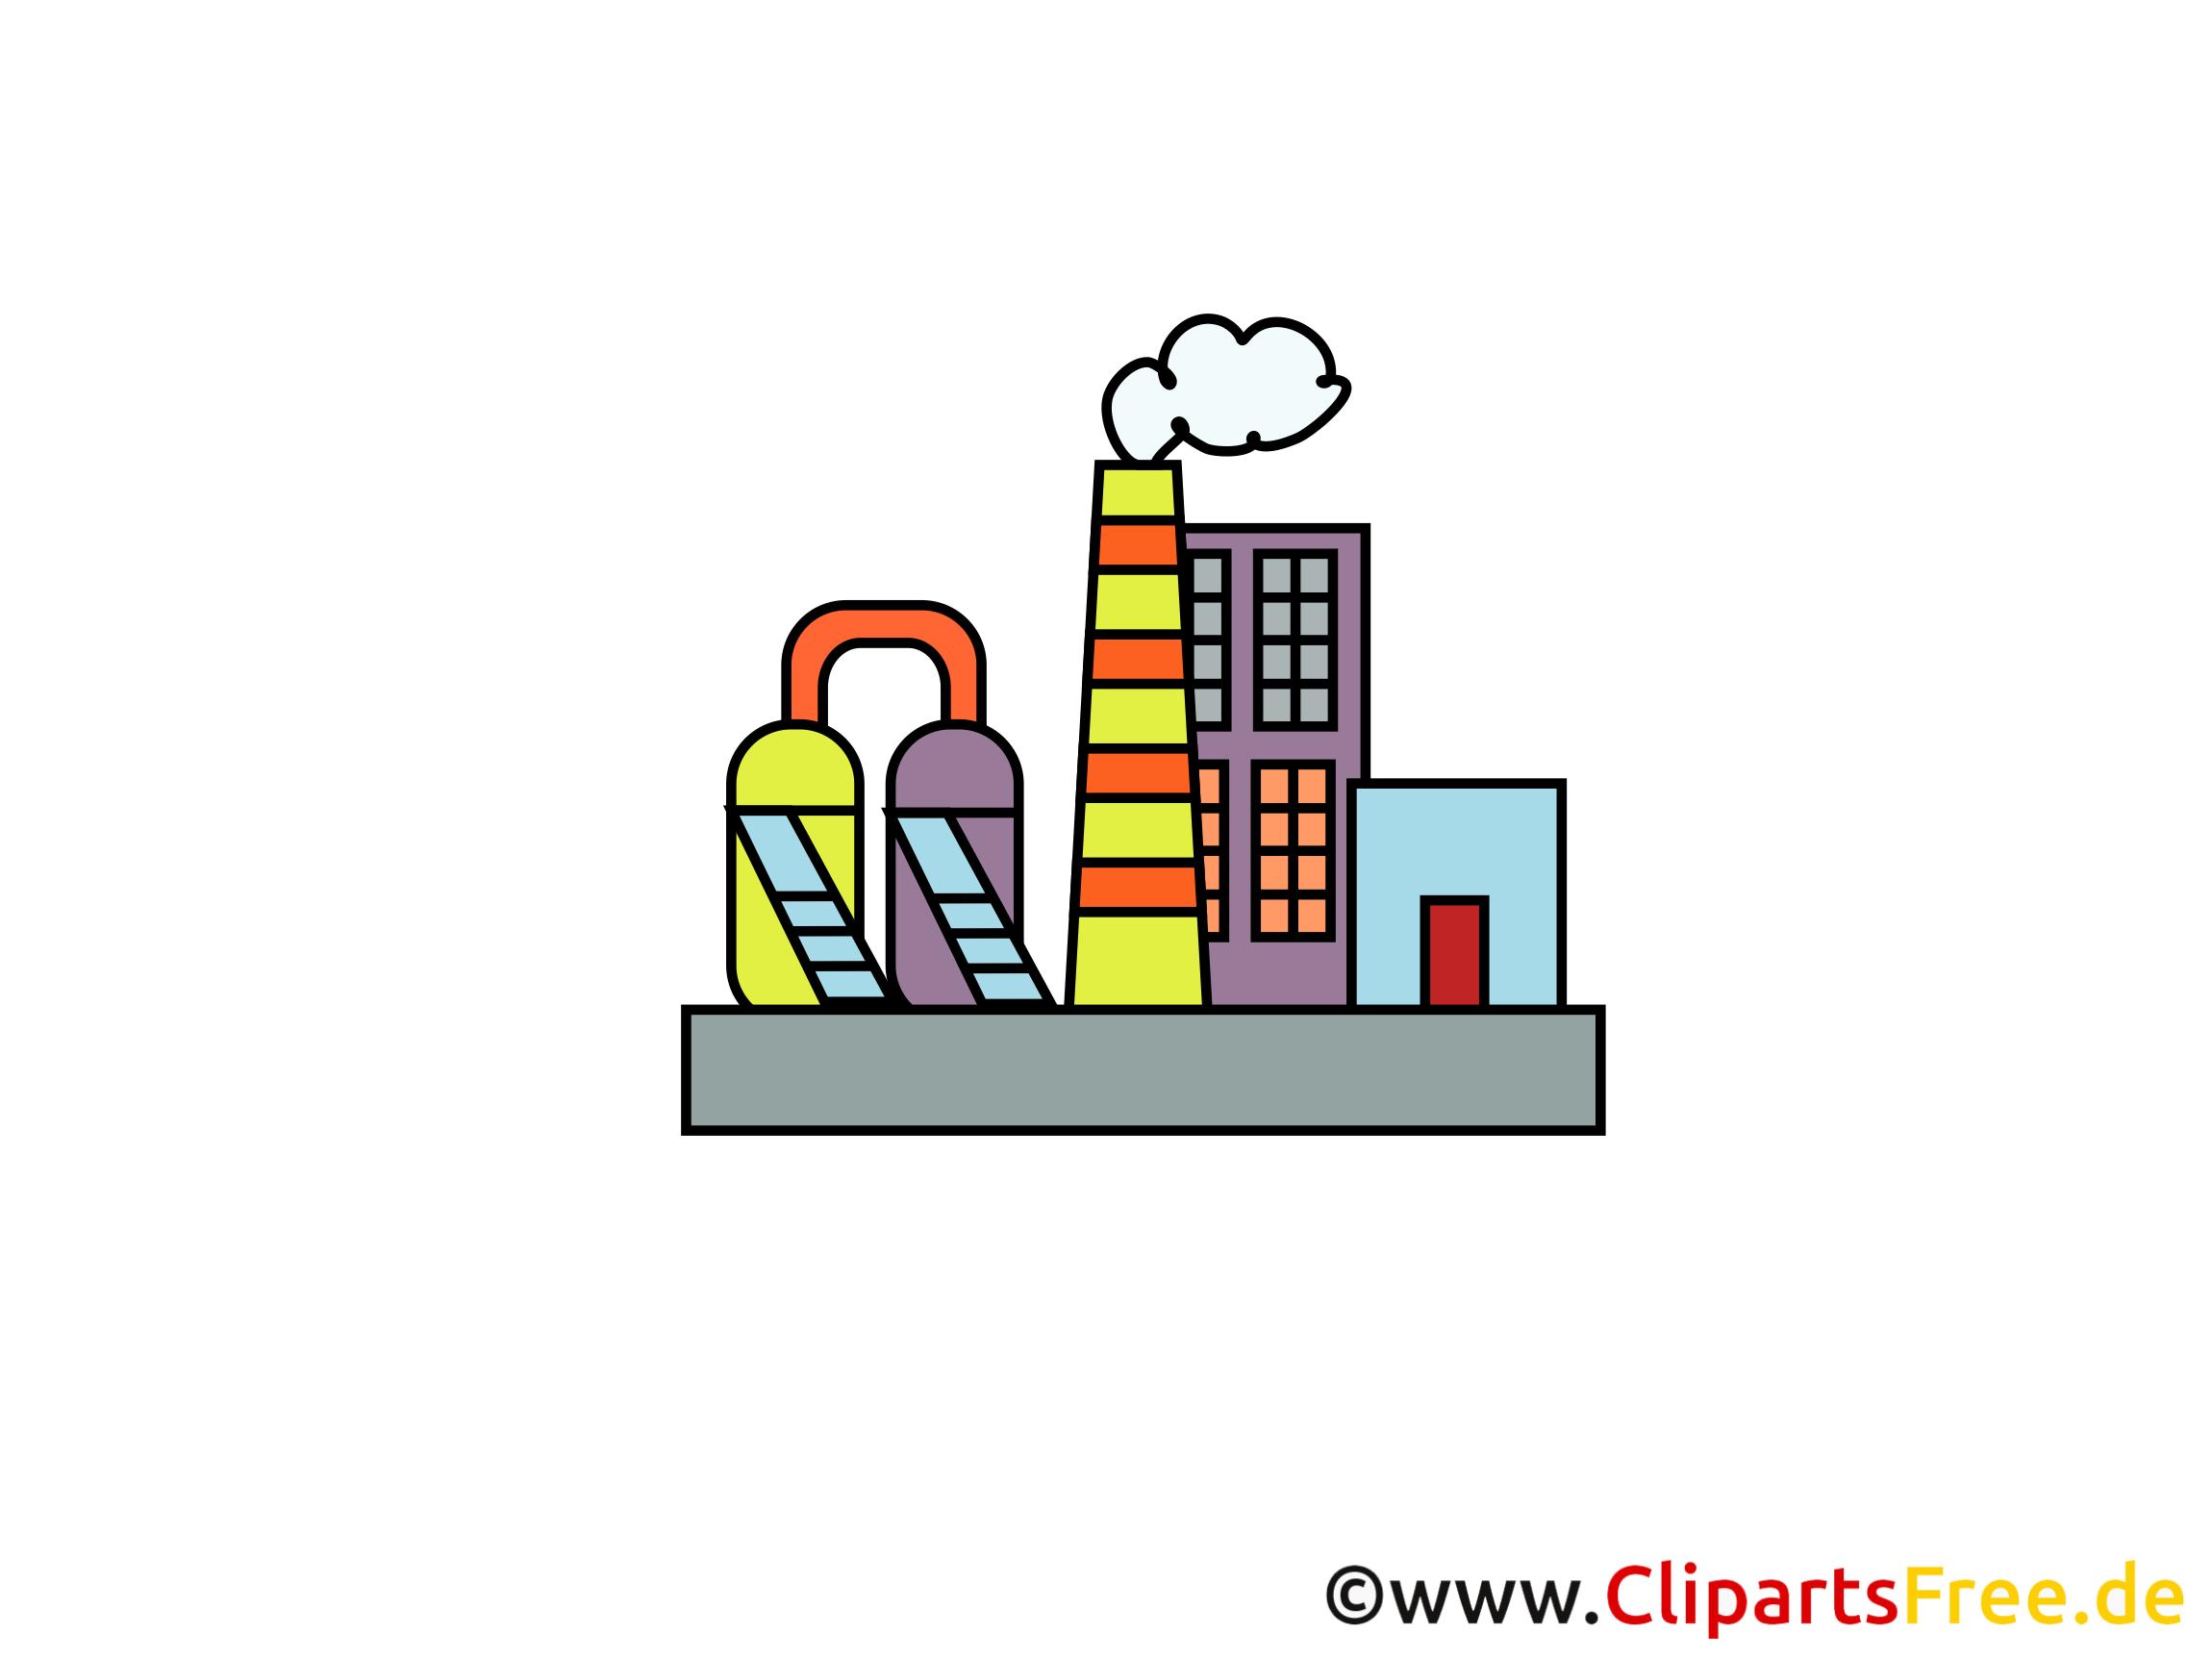 Industrie Illustrationen und Clipart gratis